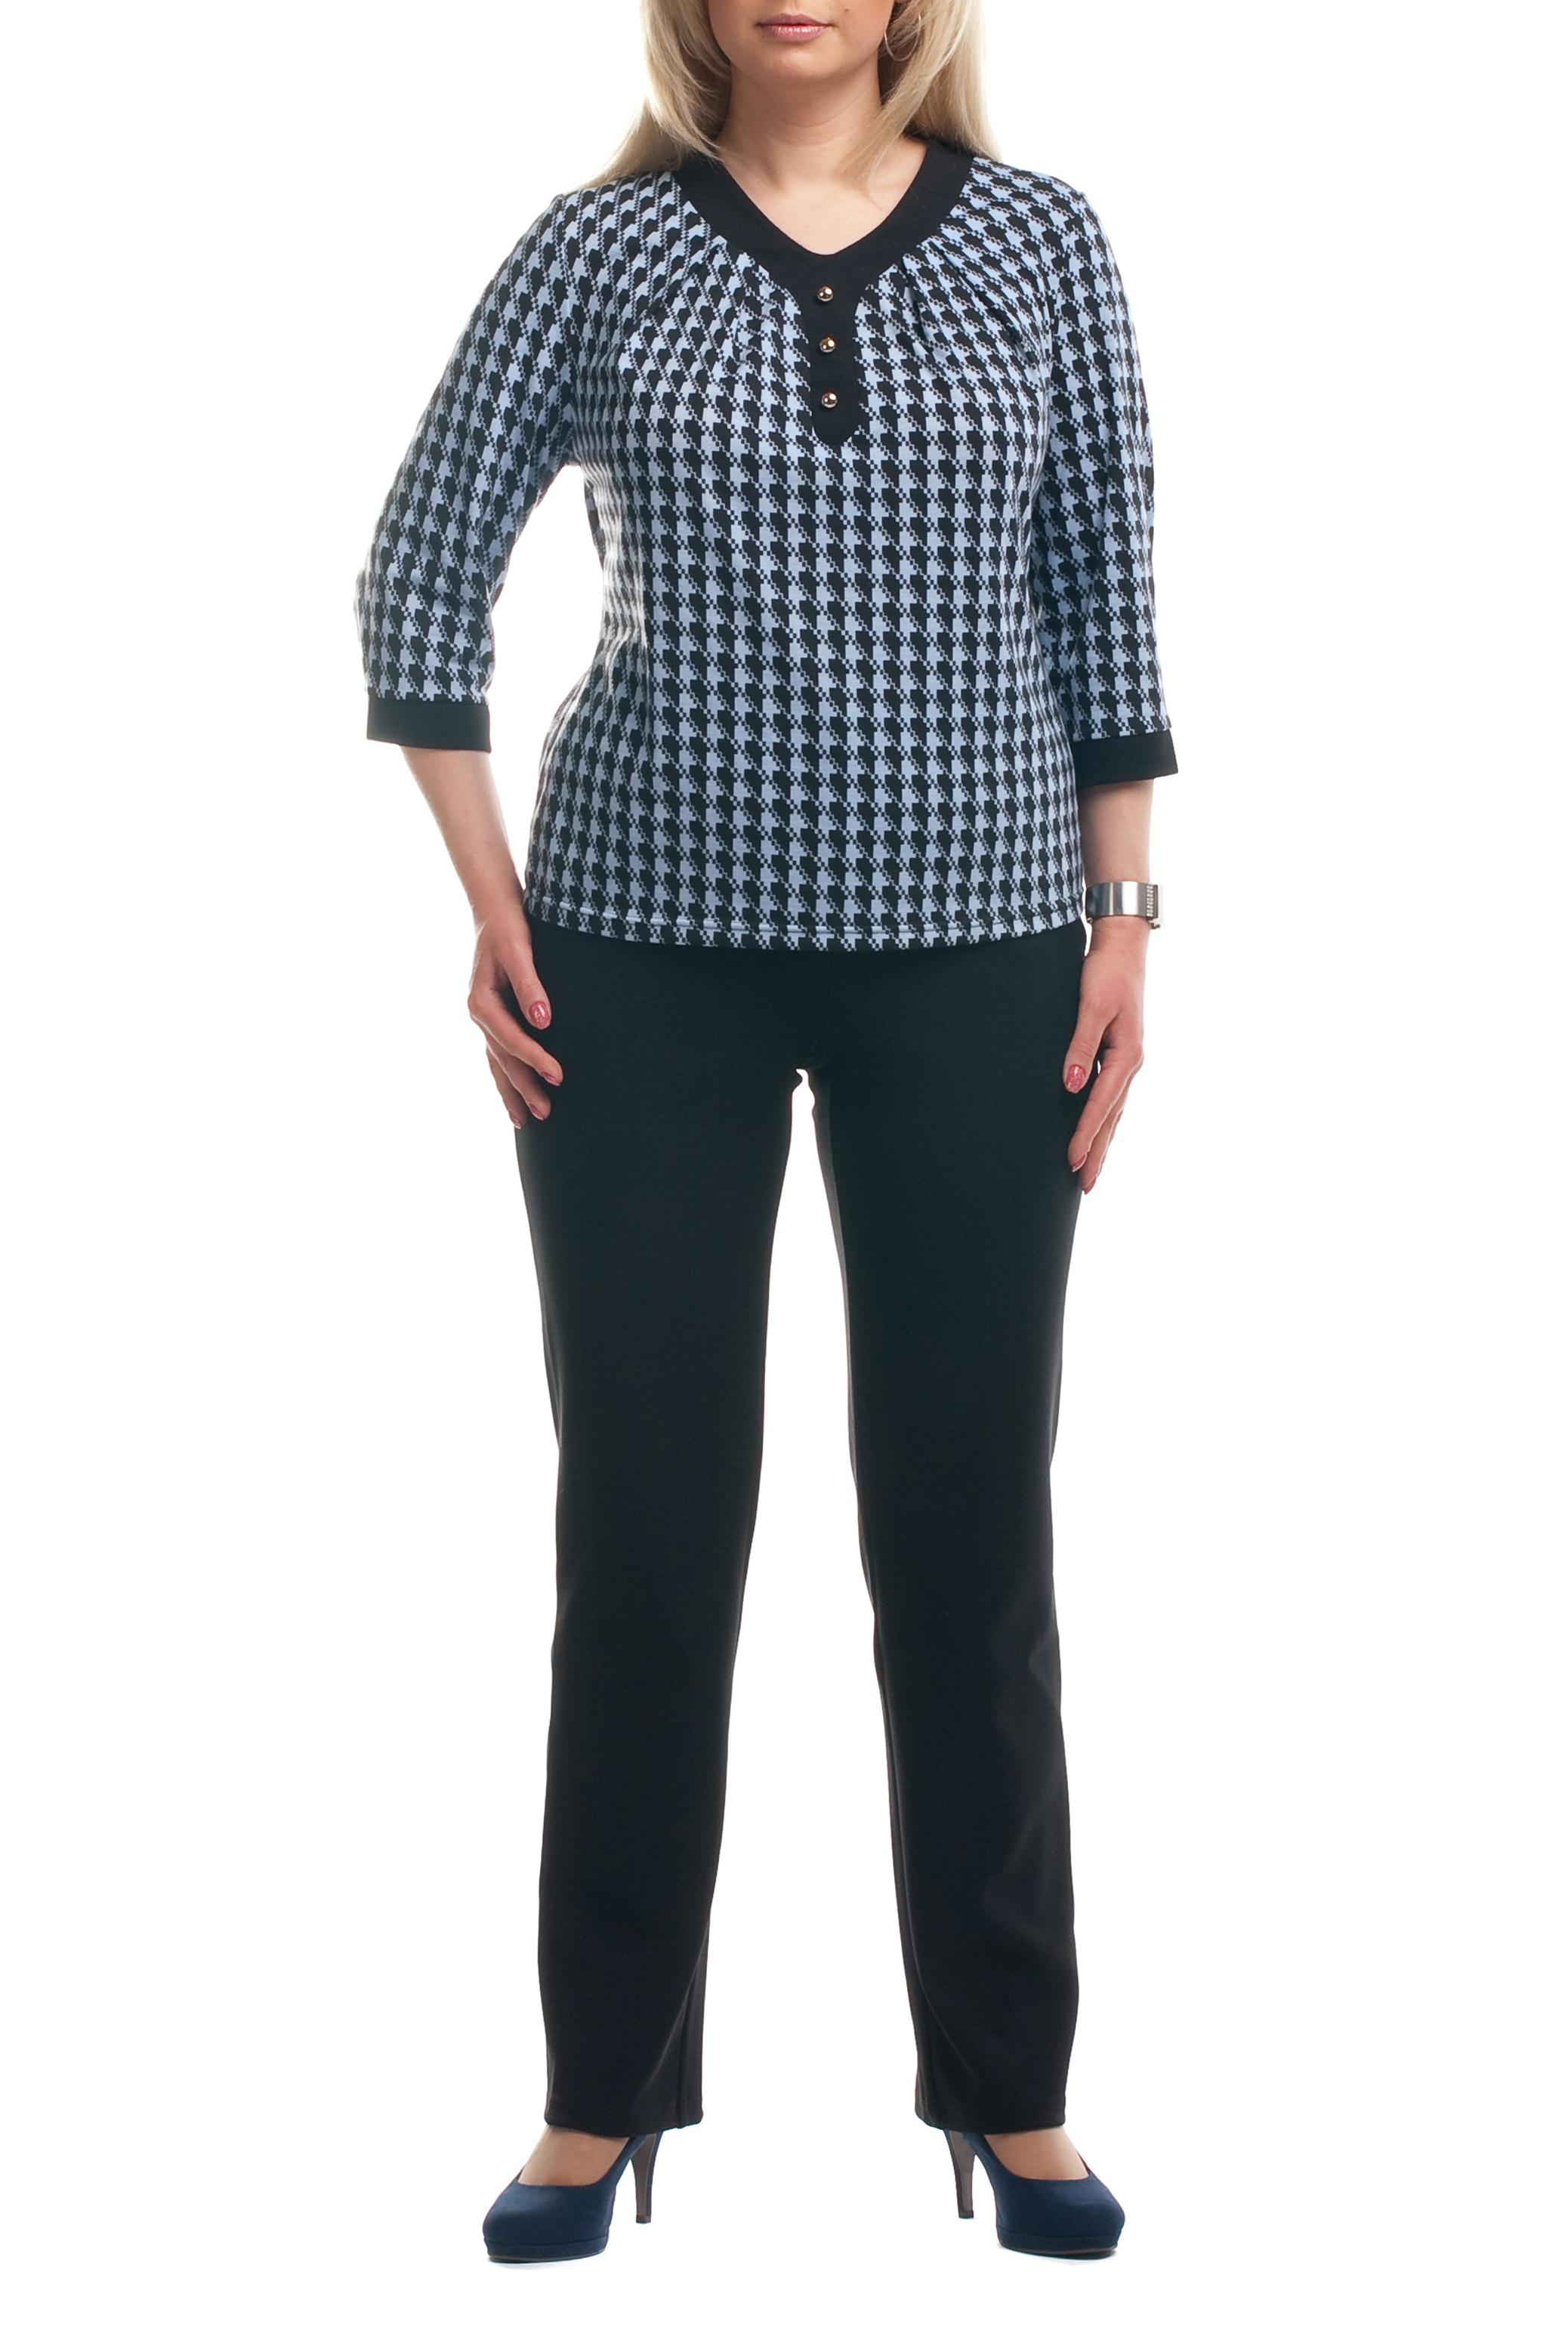 БрюкиБрюки<br>Удобные брюки из плотного материала. Отличный выбор для любого случая.  Цвет: черный  Рост девушки-фотомодели 173 см<br><br>По материалу: Трикотаж<br>По рисунку: Однотонные<br>По сезону: Весна,Осень,Зима<br>По силуэту: Полуприталенные<br>По стилю: Классический стиль,Офисный стиль,Повседневный стиль<br>По элементам: С резинкой<br>Размер : 64,66,68,70<br>Материал: Трикотаж<br>Количество в наличии: 13